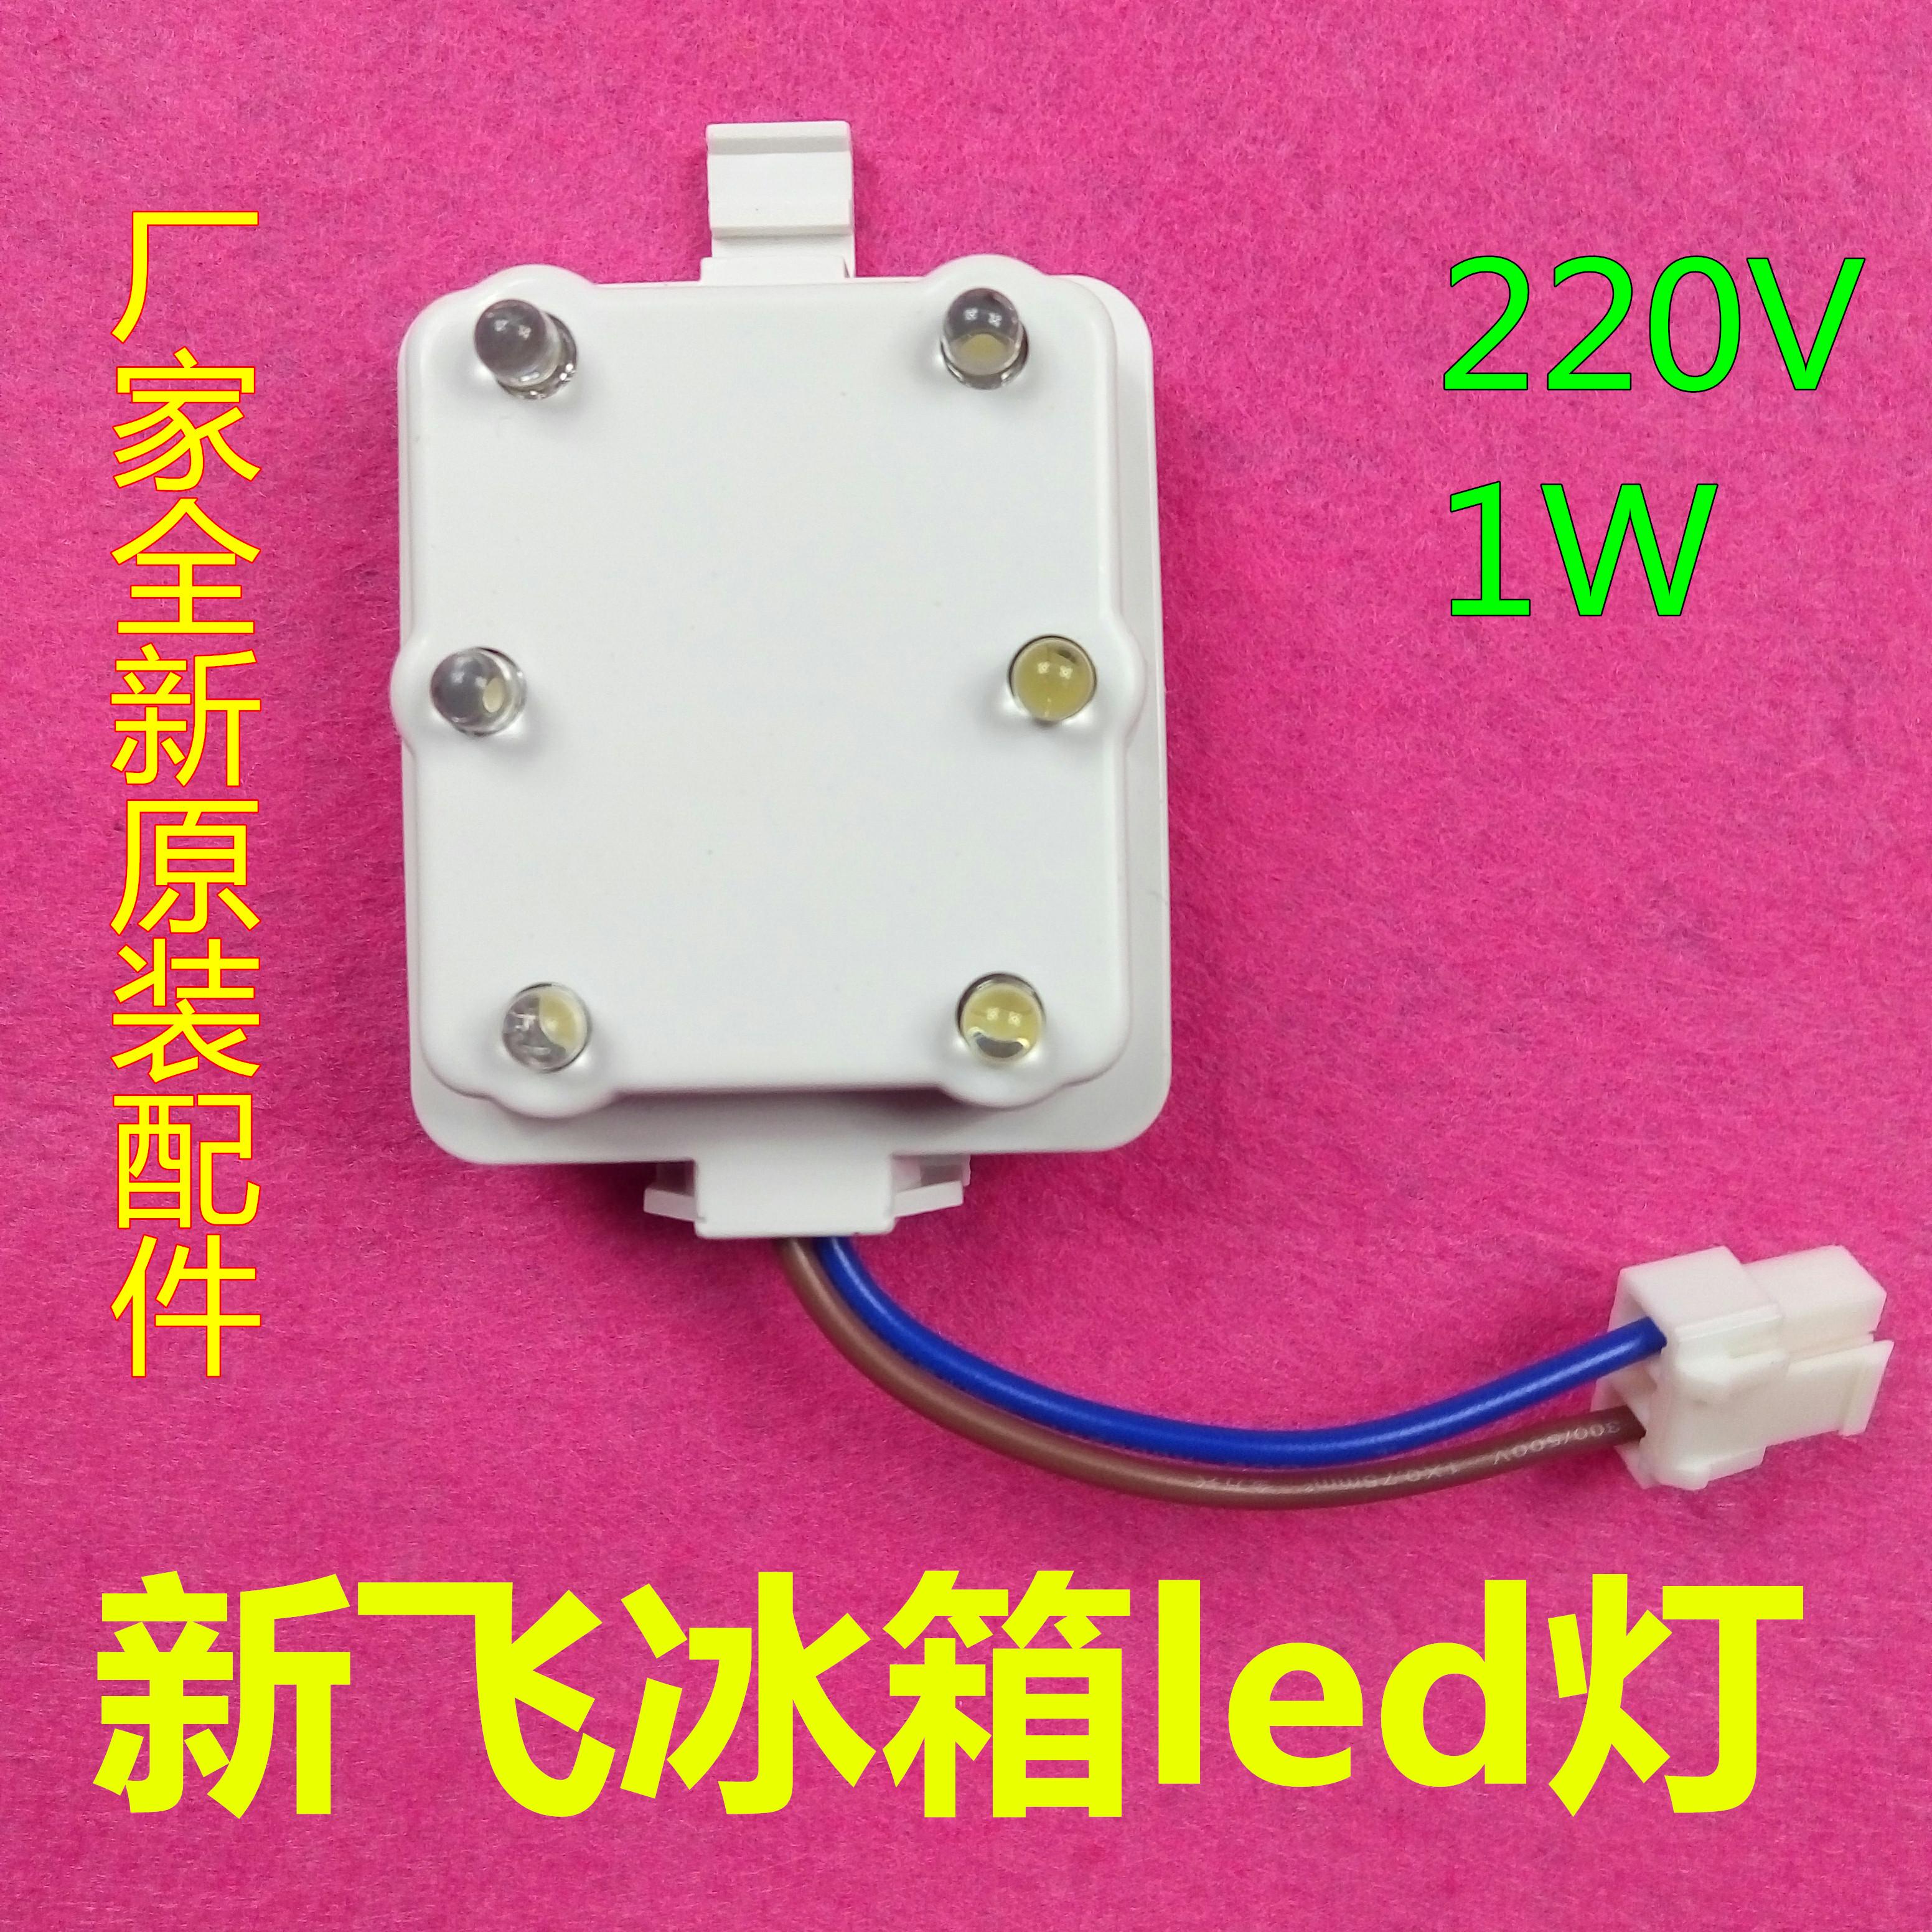 新飞冰箱原装LED灯 冰箱LED灯 冷藏照明LED灯 保鲜灯泡 全新原装